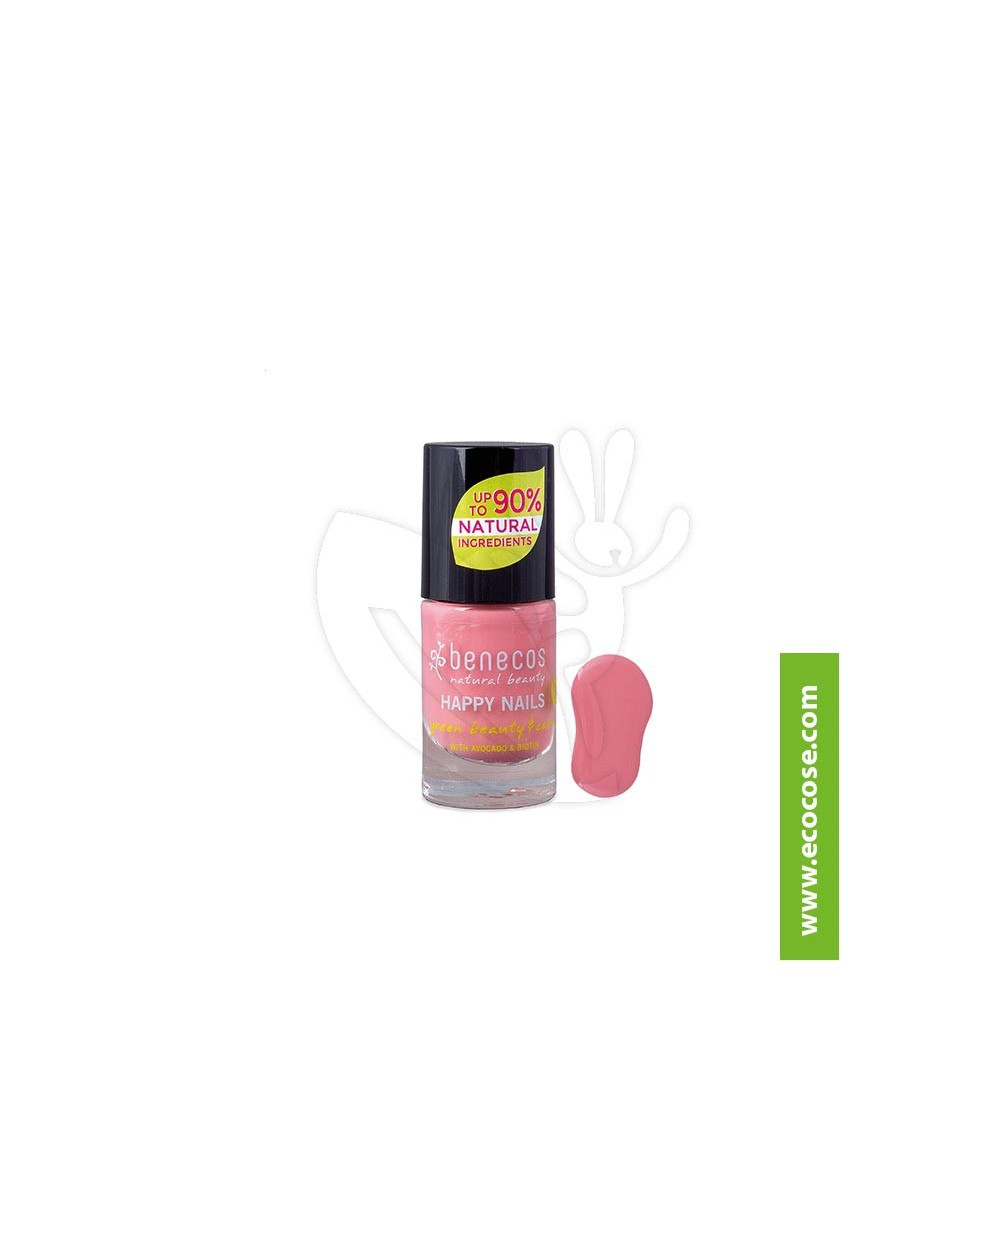 Benecos - Smalto Bubble Gum